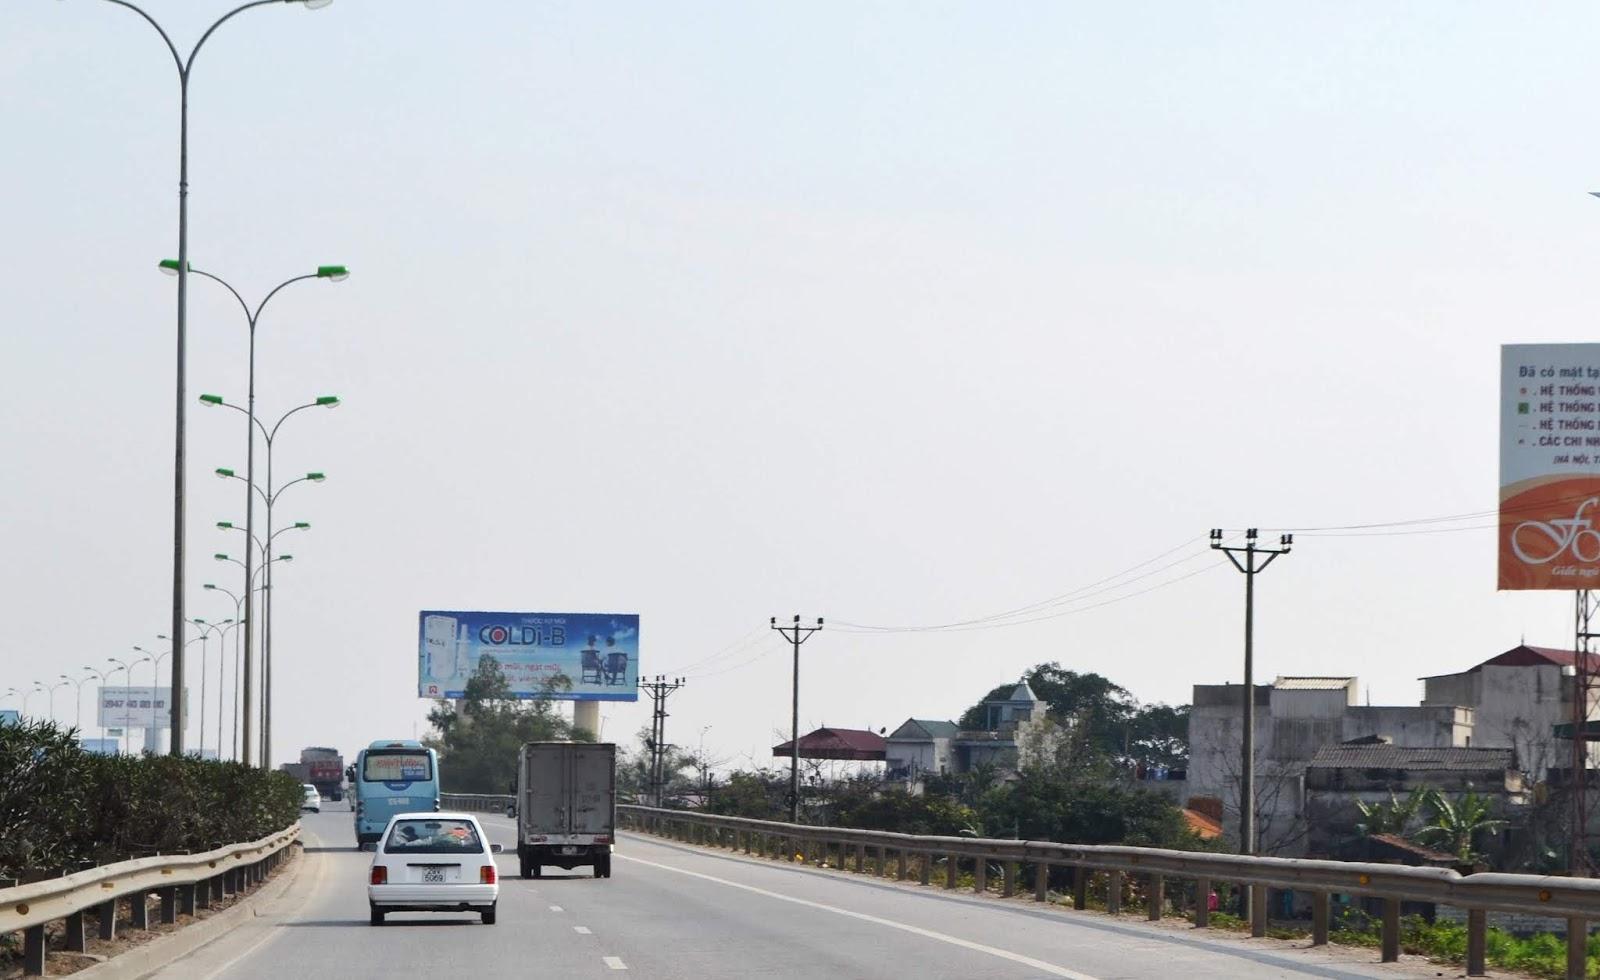 Gần 6.6ha khu đất đấu giá tại Thường Tín, Hà Nội đươc phê duyệt xây dựng biệt thự